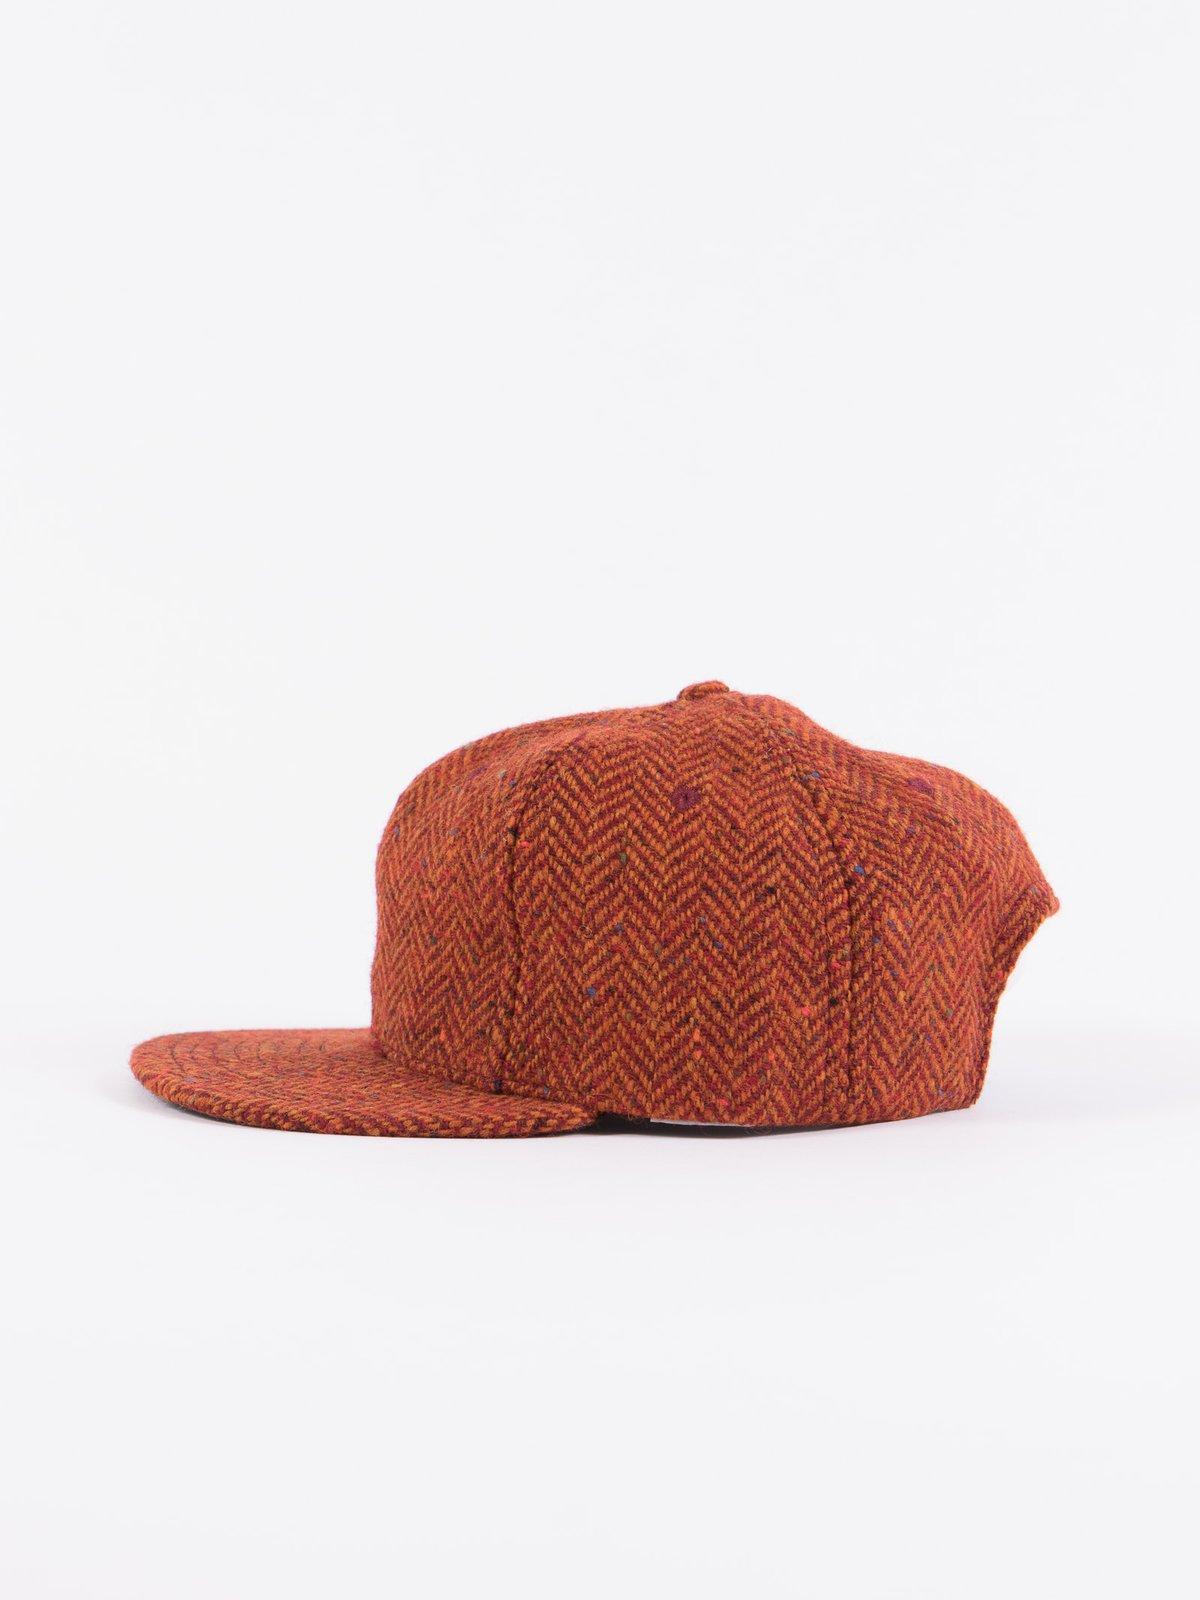 Rust HB Tweed NIer 6 Panel Ballcap - Image 2